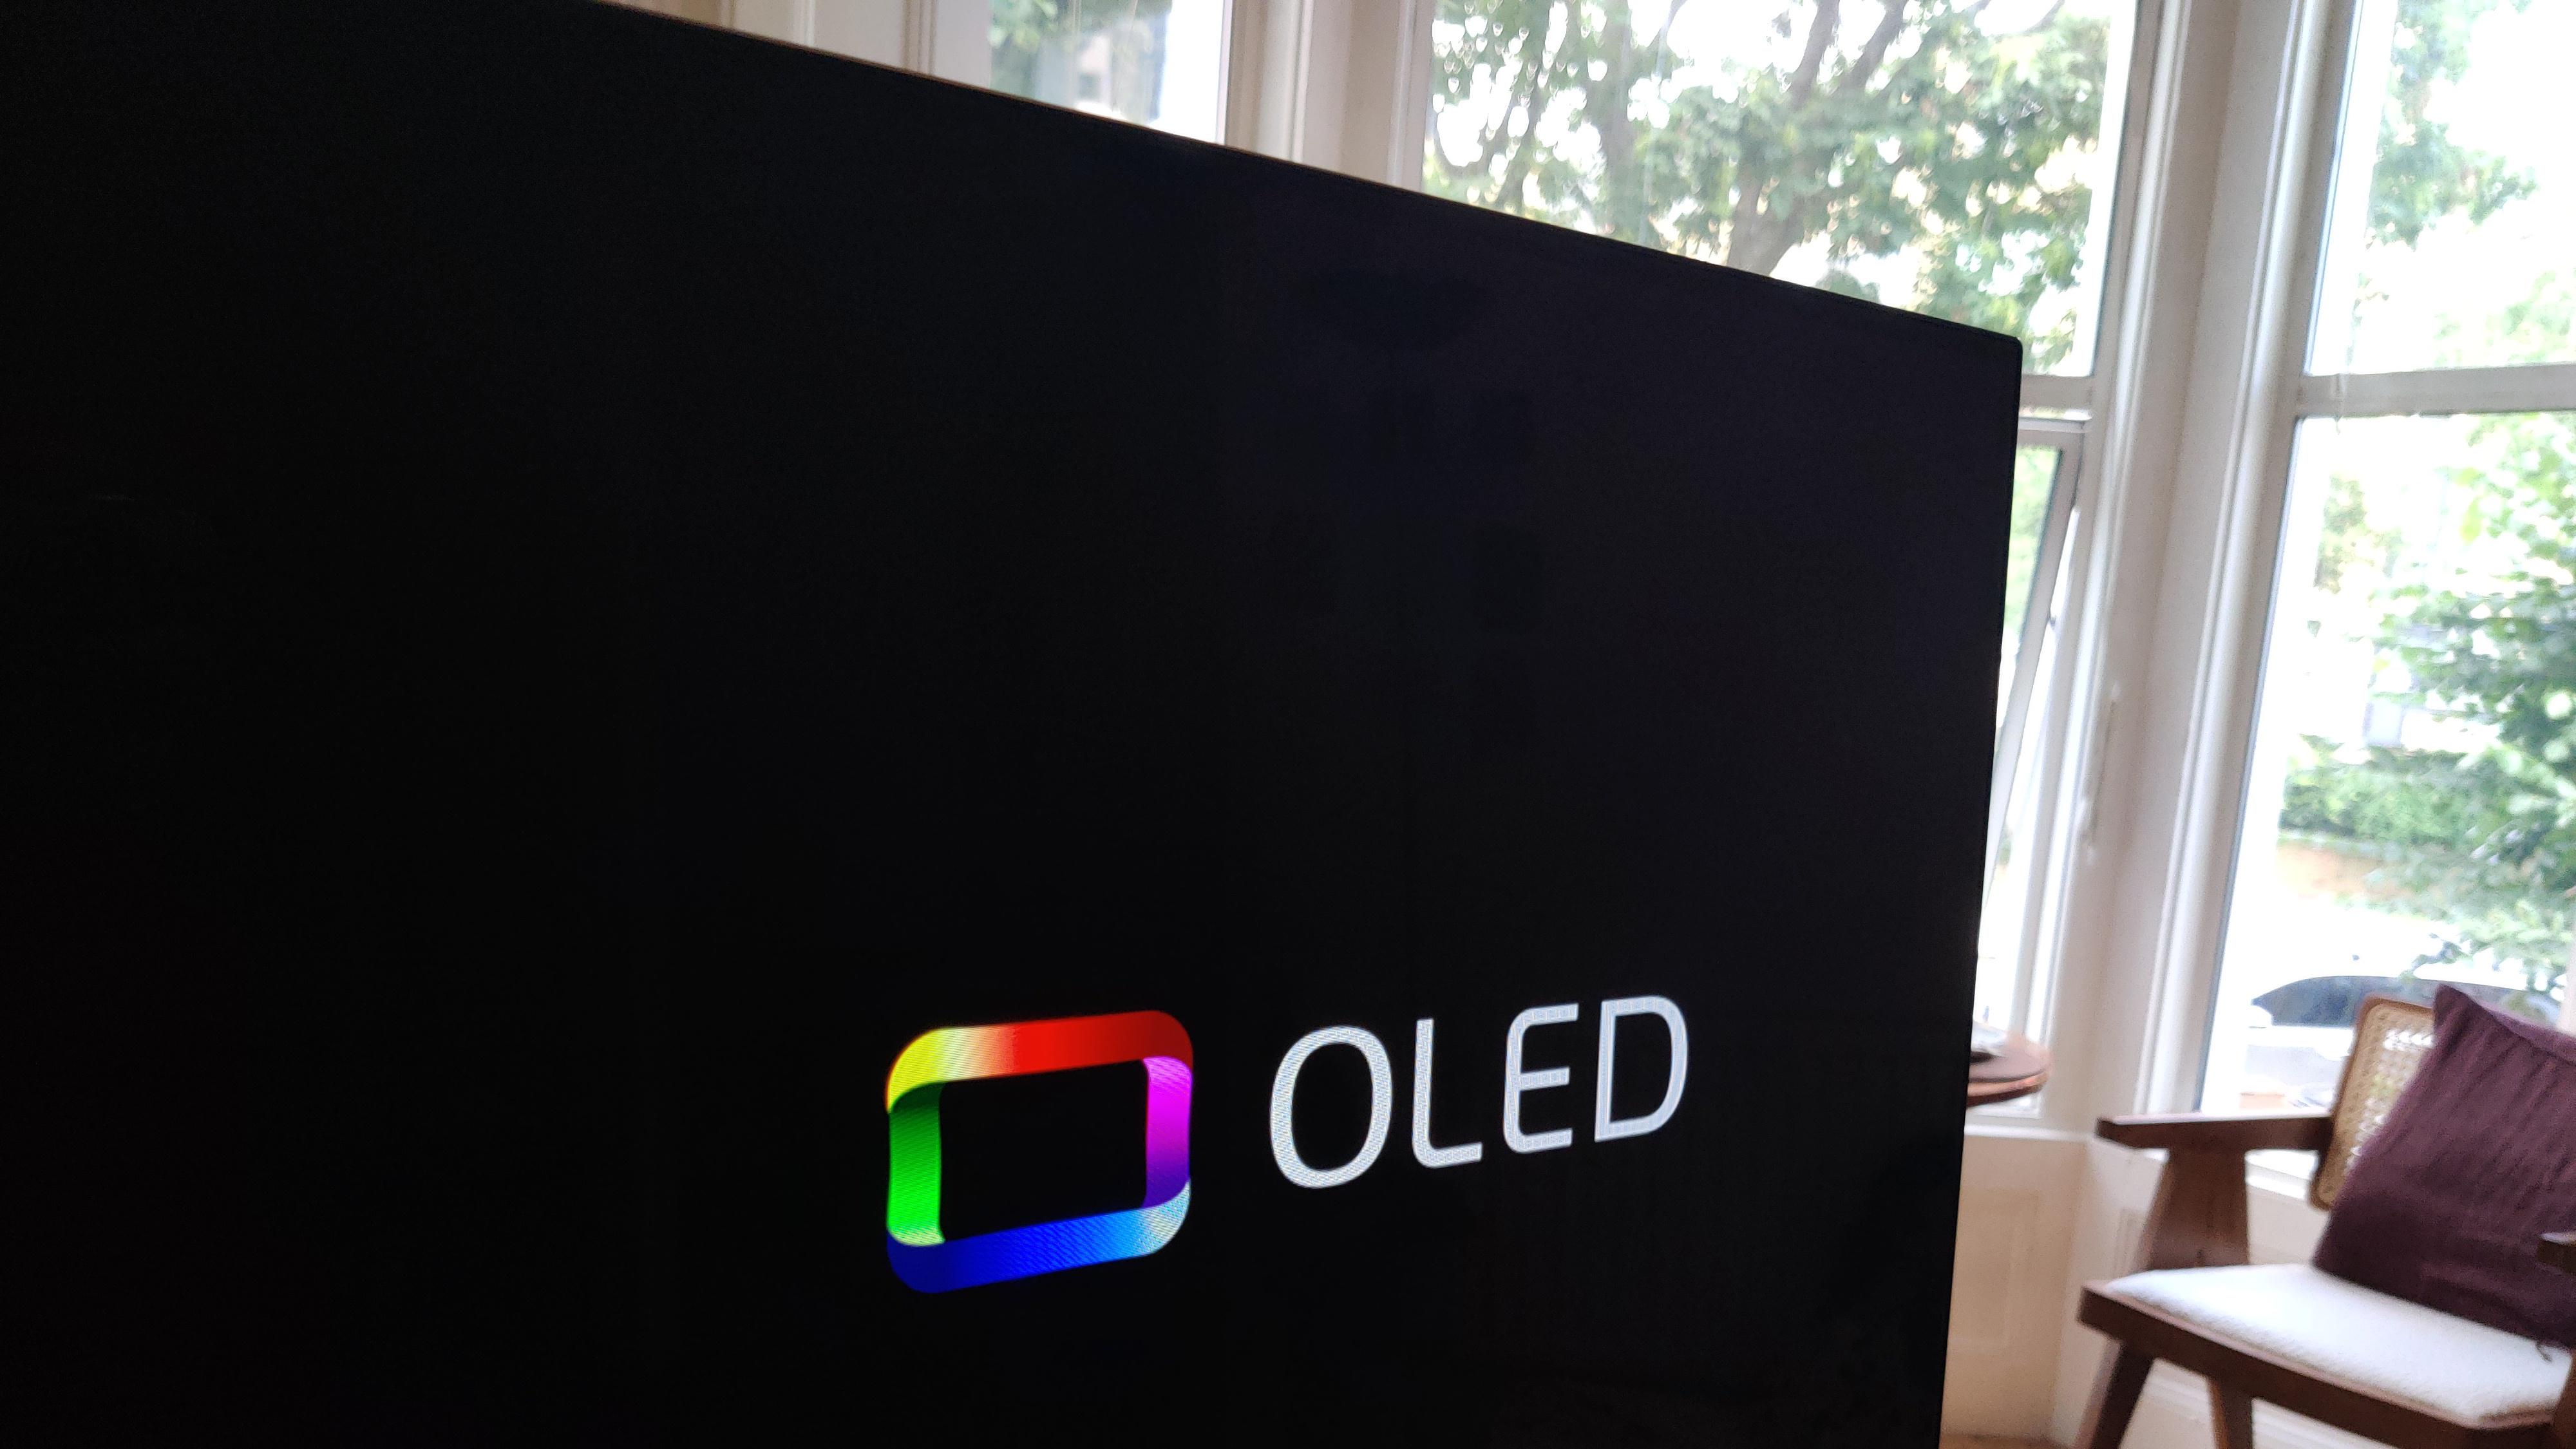 Panasonic JZ2000 OLED TV showing OLED logo